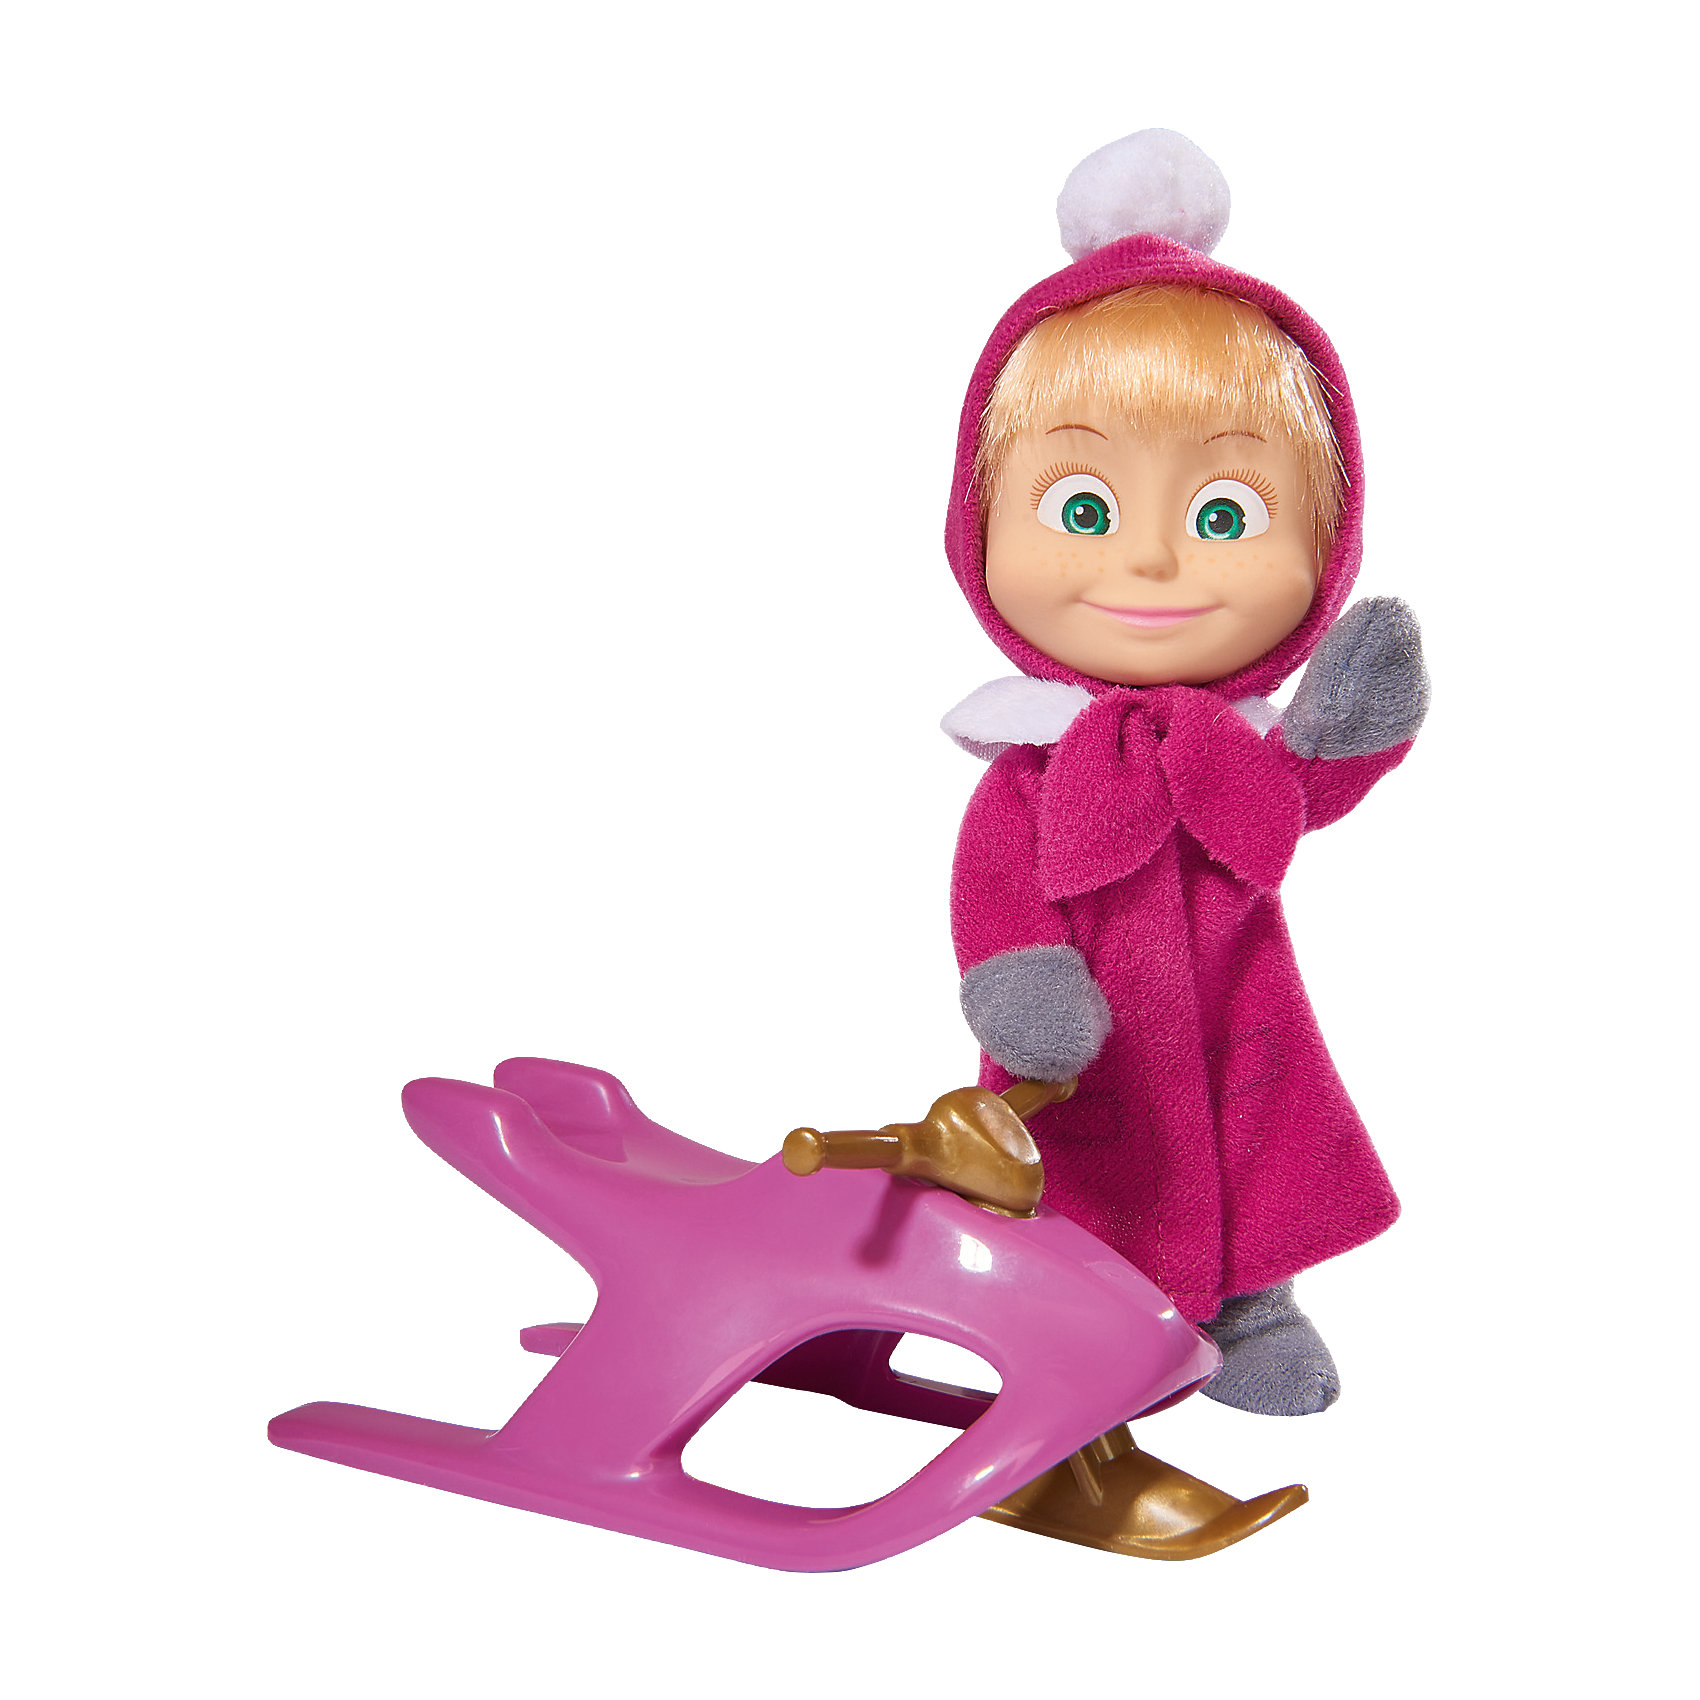 Simba Кукла Маша со снегокатом, Маша и Медведь, Simba simba кукла маша с кроваткой маша и медведь simba